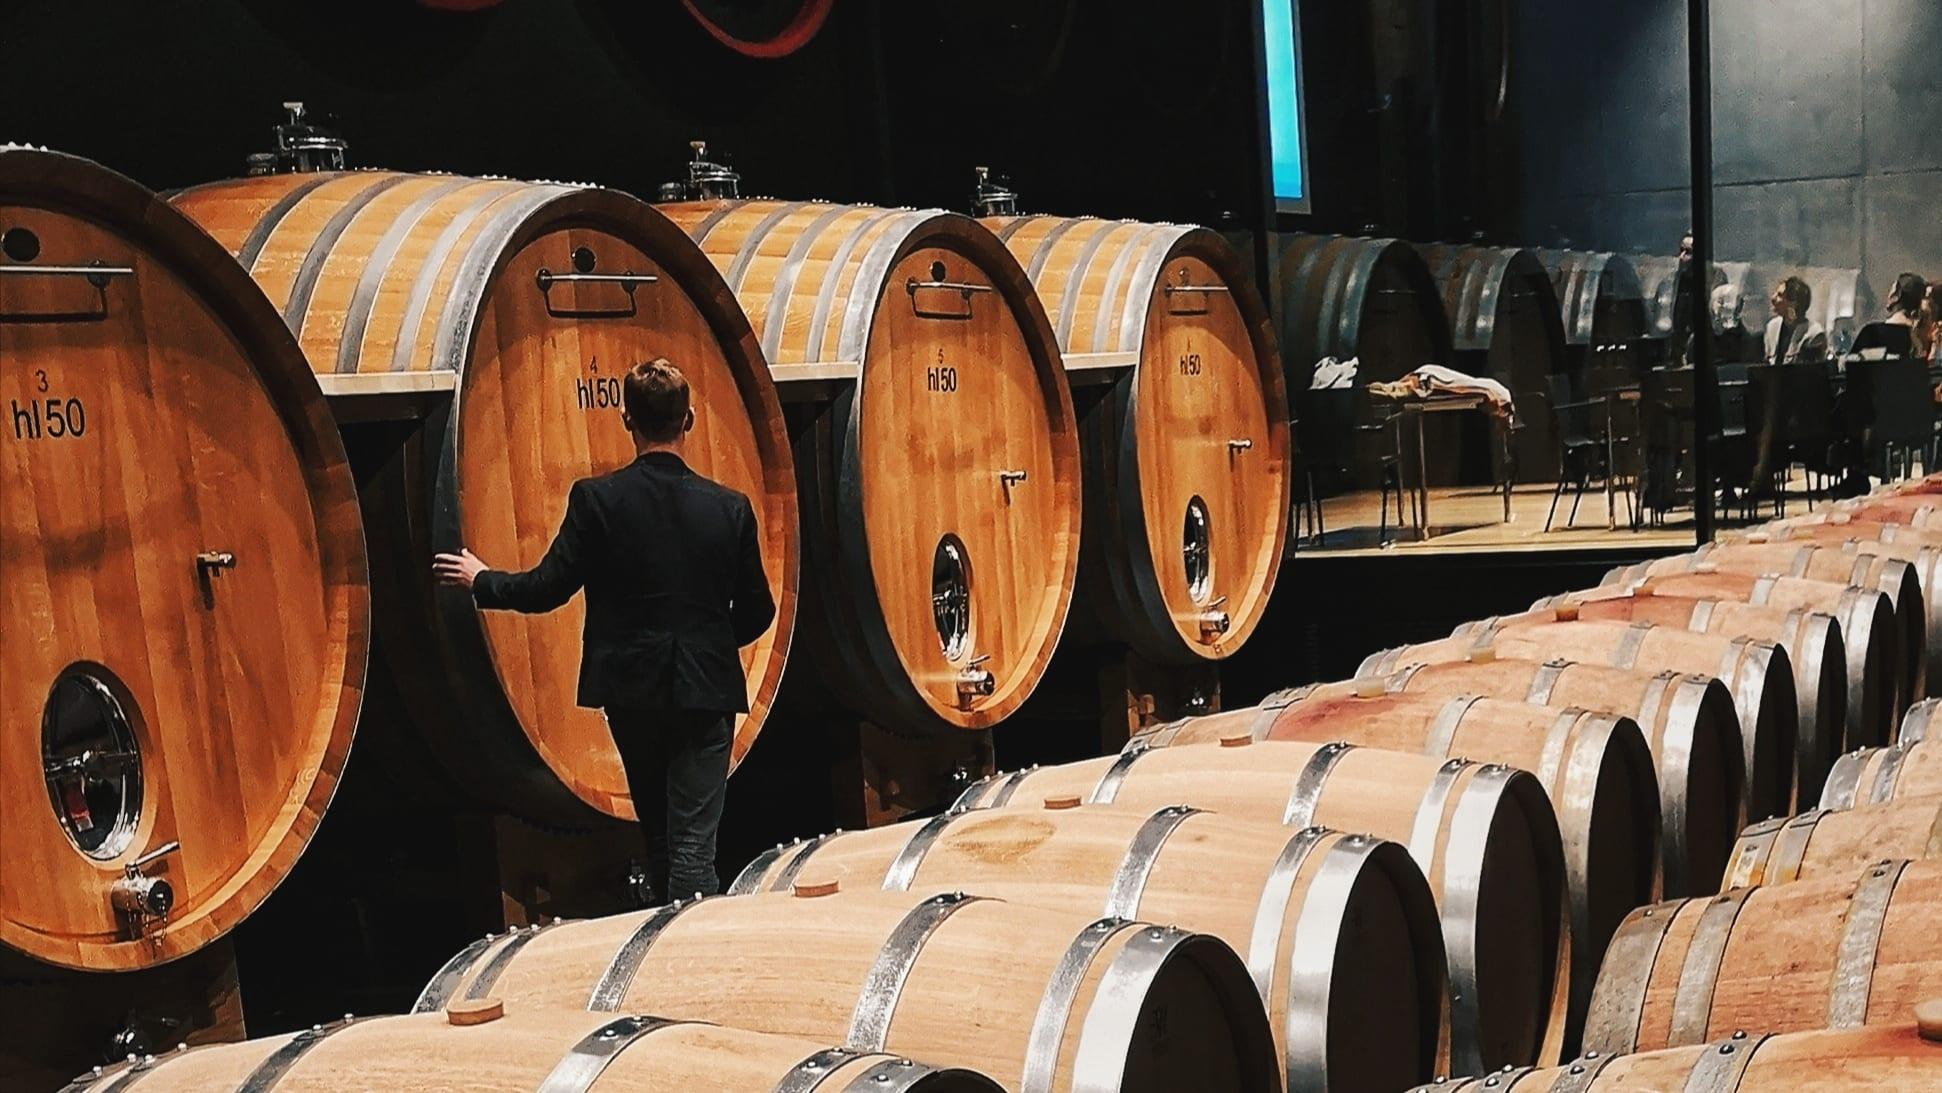 56 Inspirierende Wein Zitate Und Sprüche Wein Verstehen